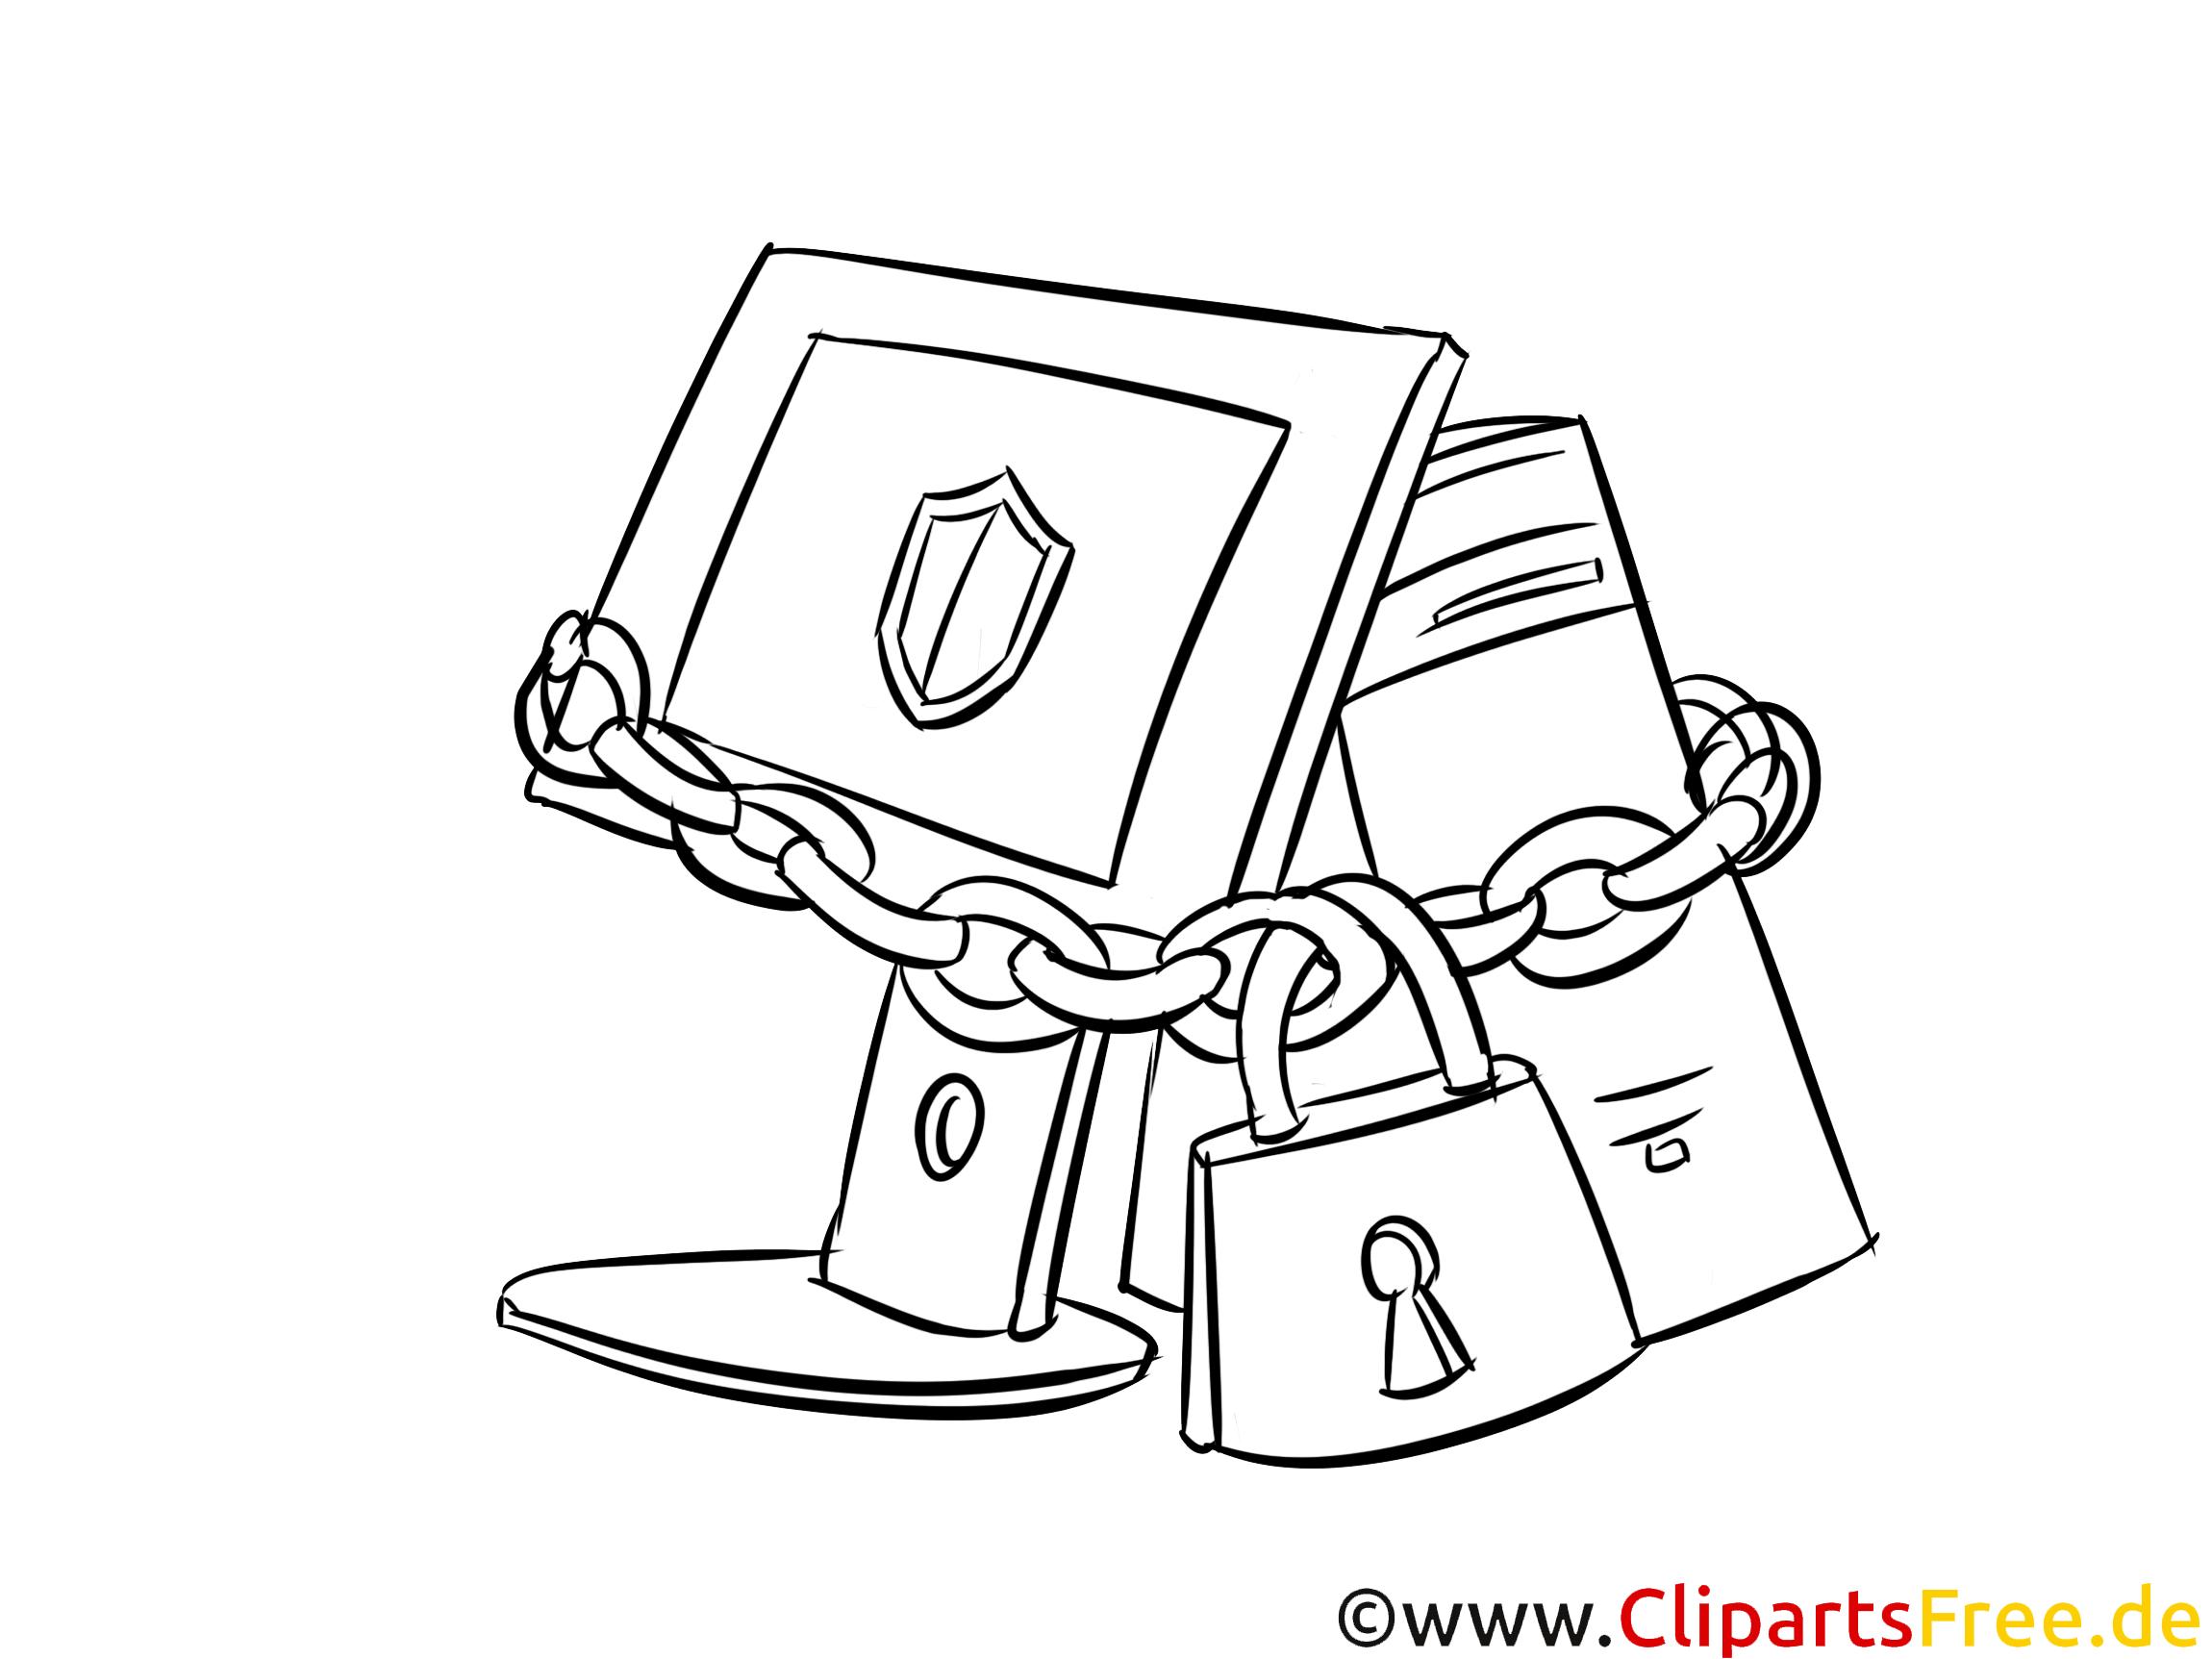 PC-Sicherheit Bild, Clipart, Illustration schwarz-weiß zum Ausmalen